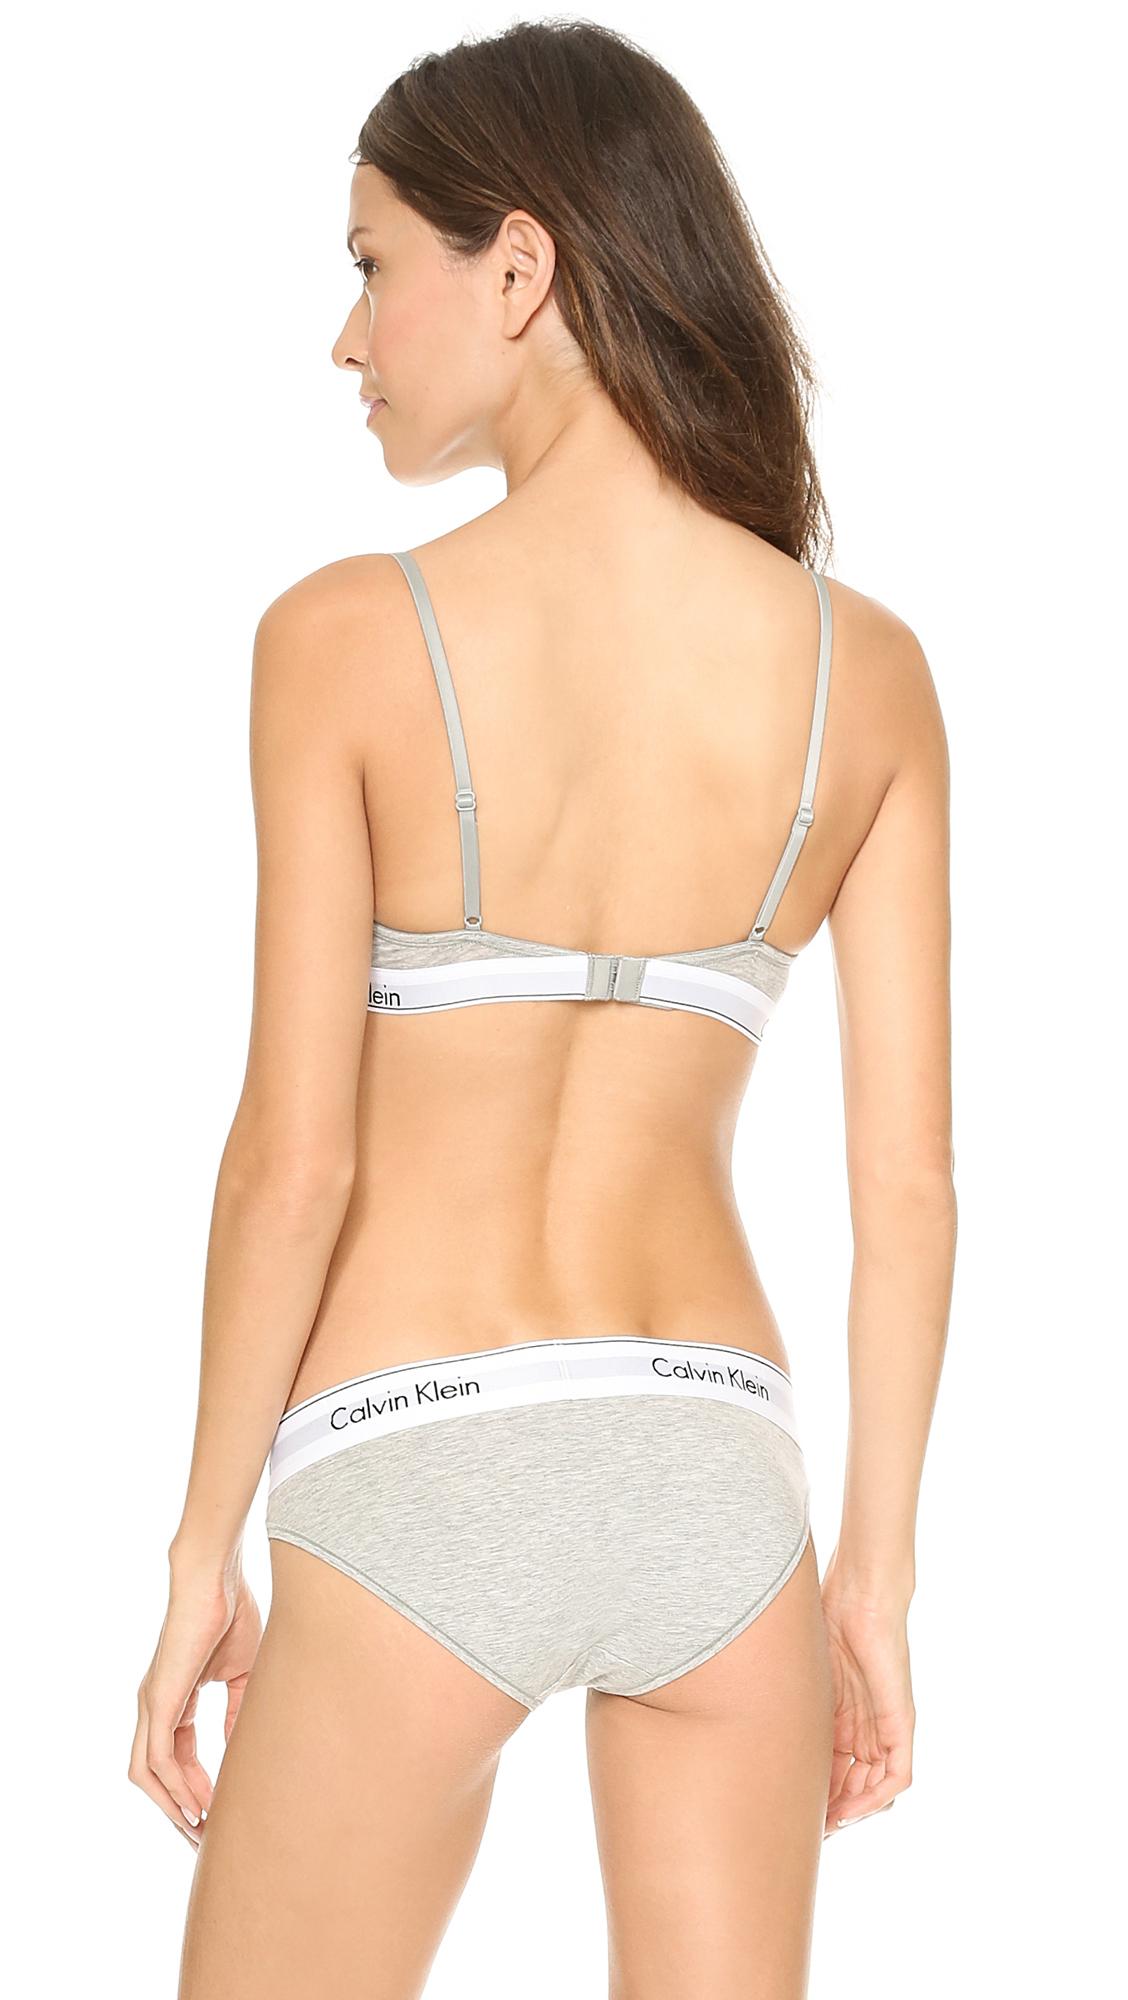 6836475999a Calvin Klein Underwear Modern Cotton T Shirt Bra